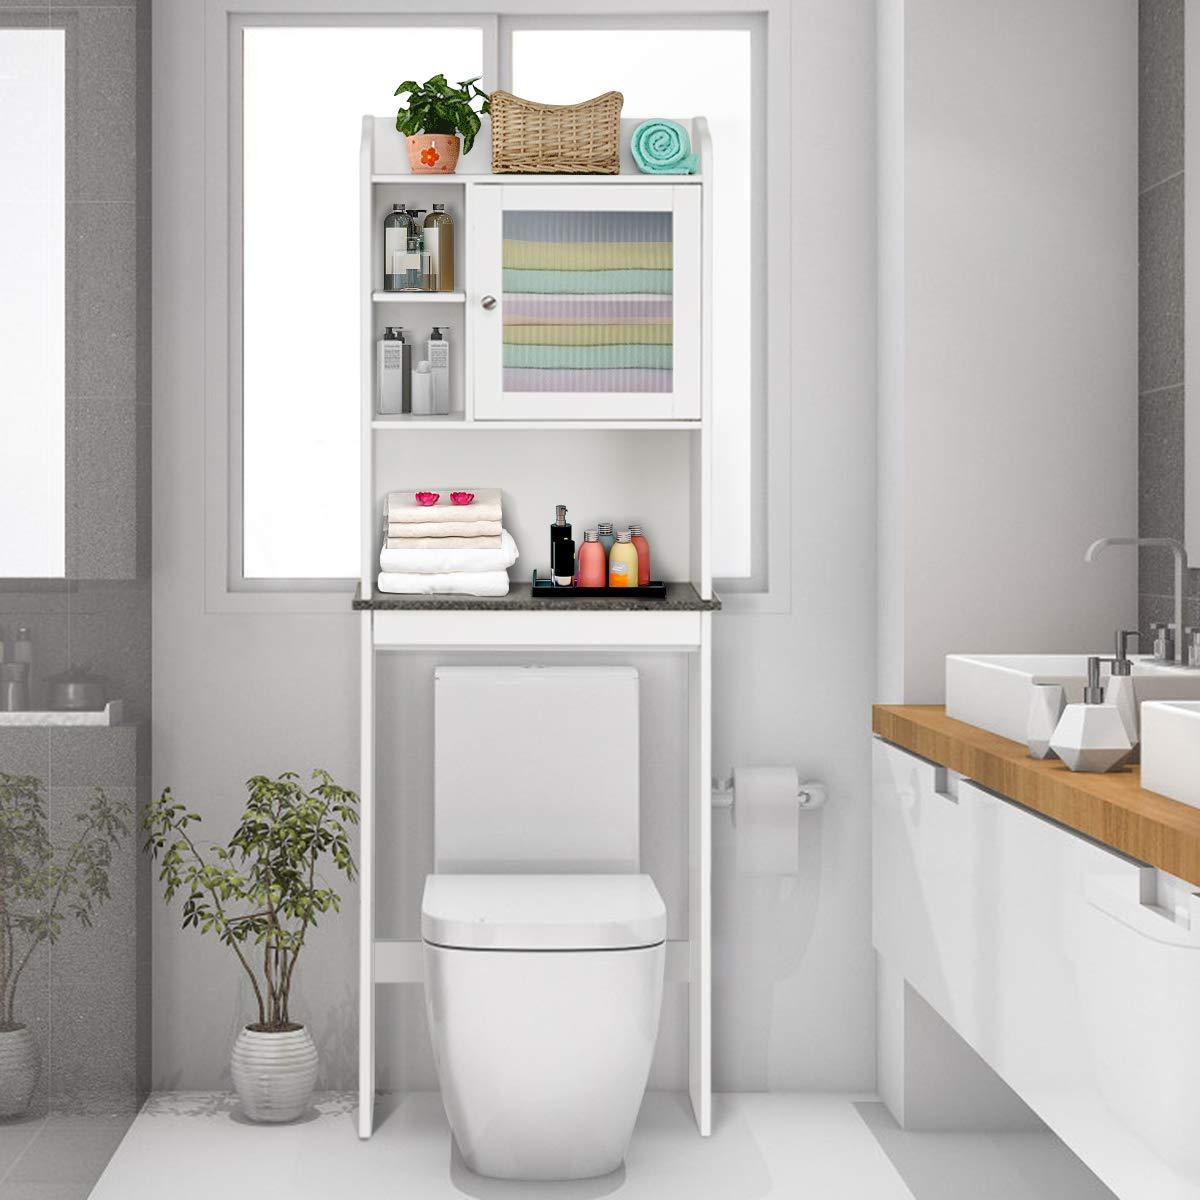 Badezimmerregal Holz Badschrank freistehend /Überbauschrank Bad Toilettenst/änder mit verstellbarem Regal COSTWAY Toilettenschrank wei/ß